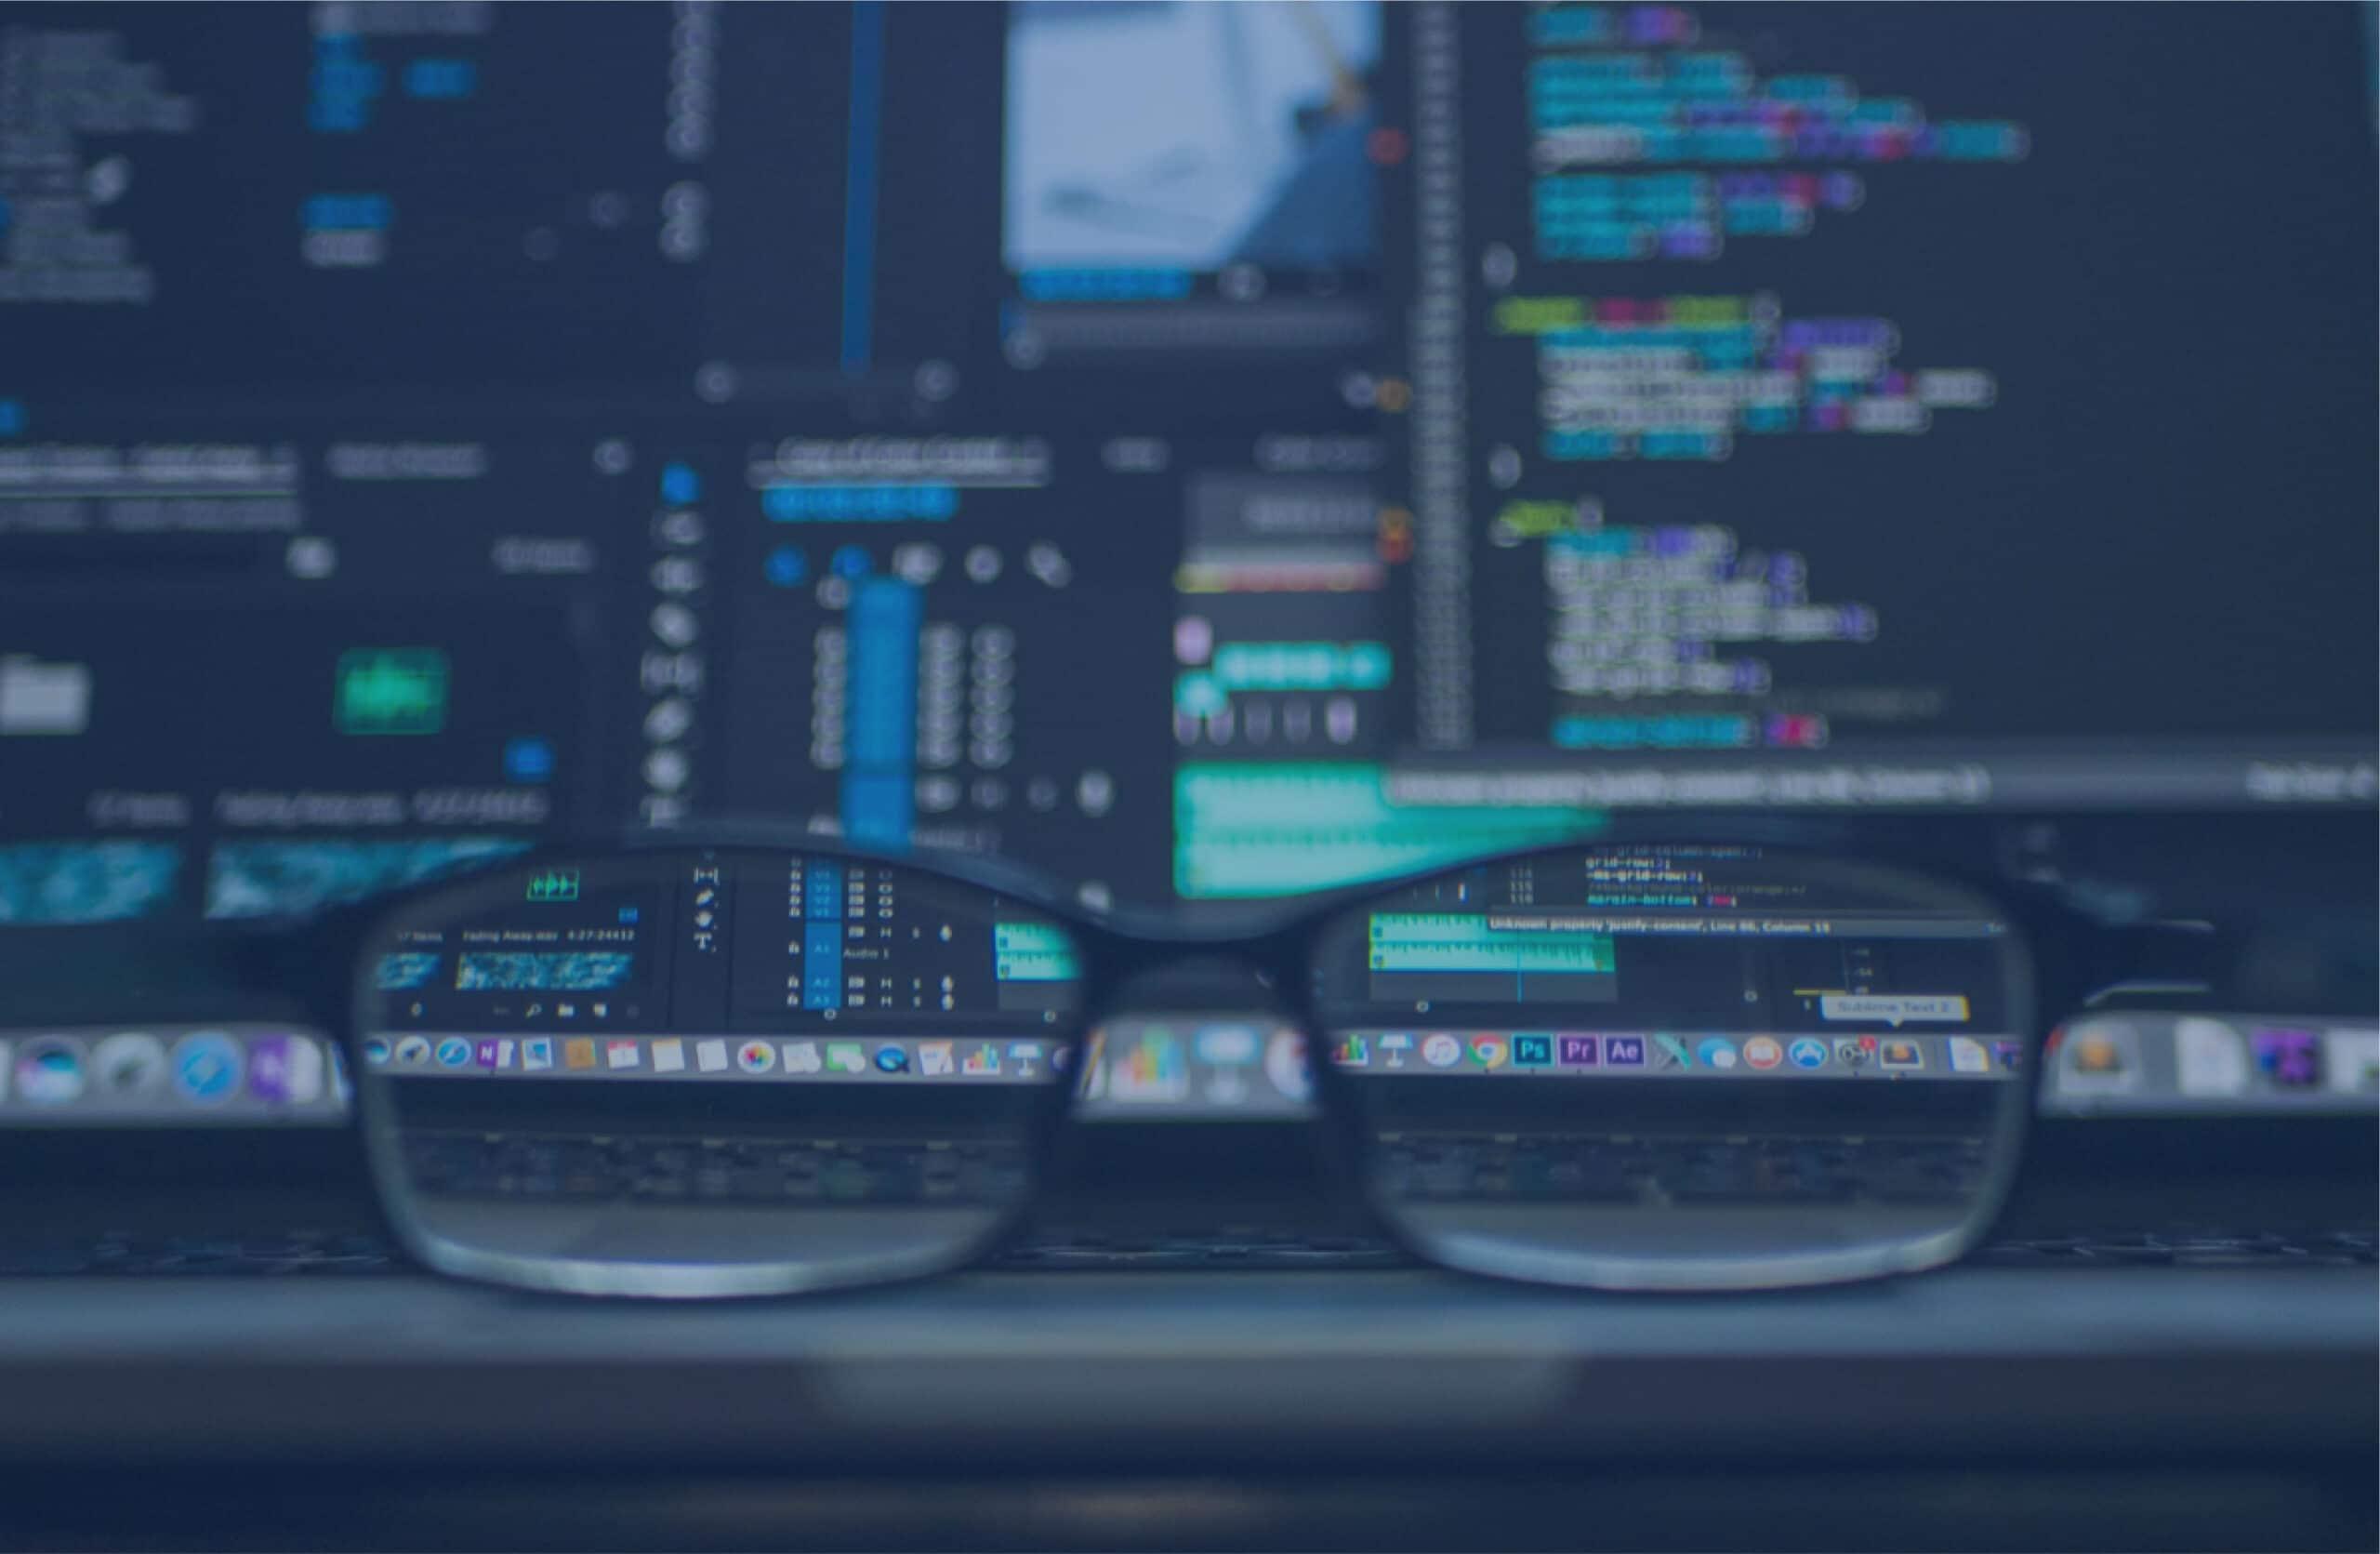 La mia esperienza eNetworks: da studente a Software Developer